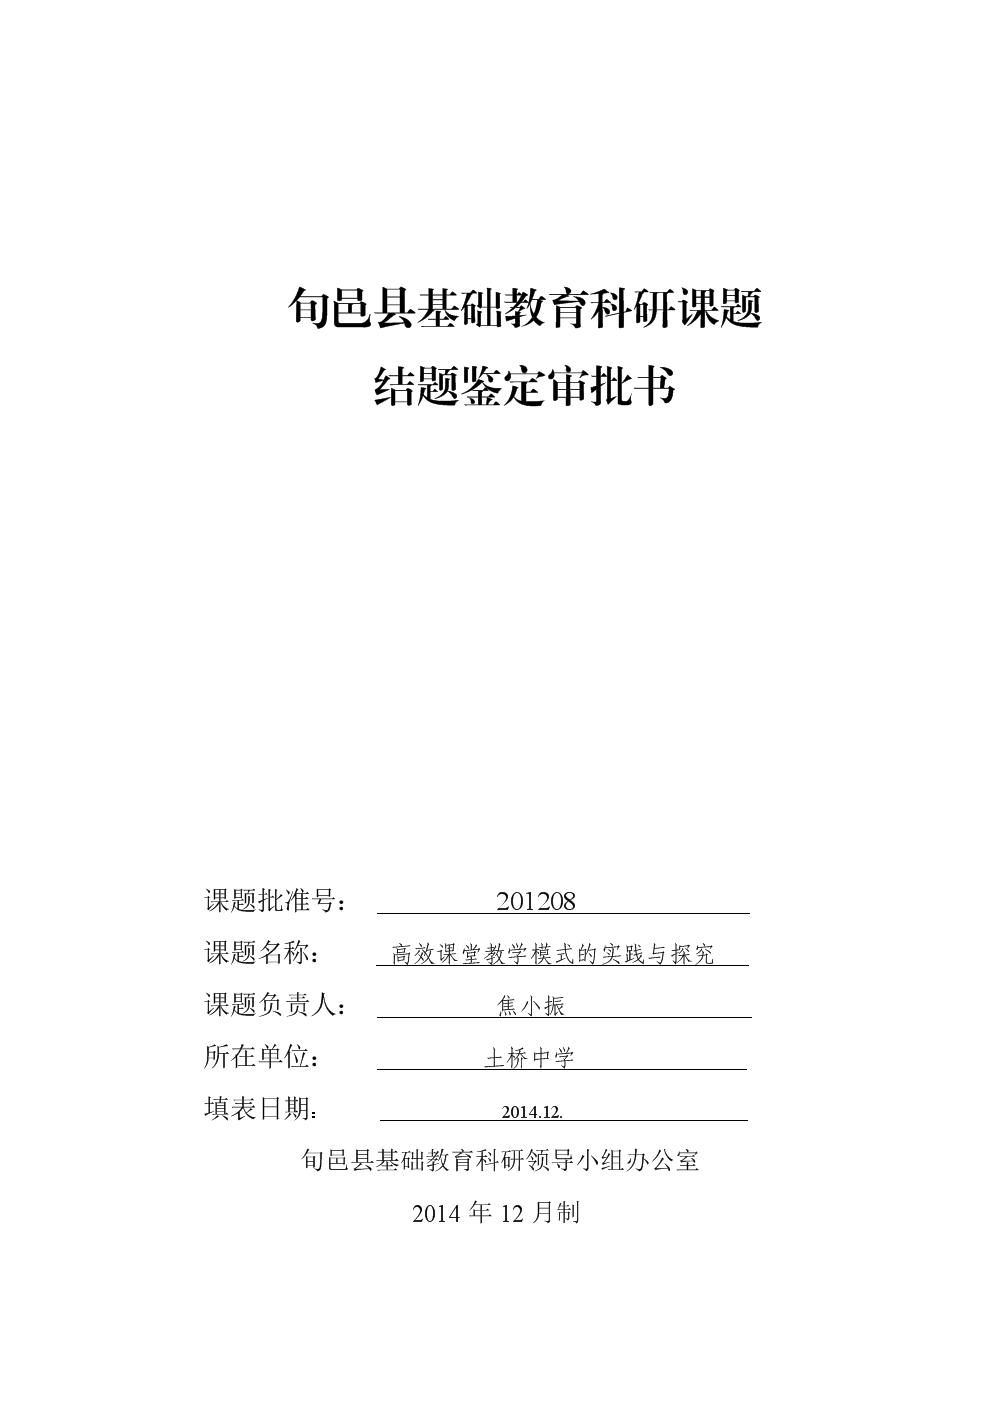 13旬邑县基础教育科研课题结题鉴定审批书.do